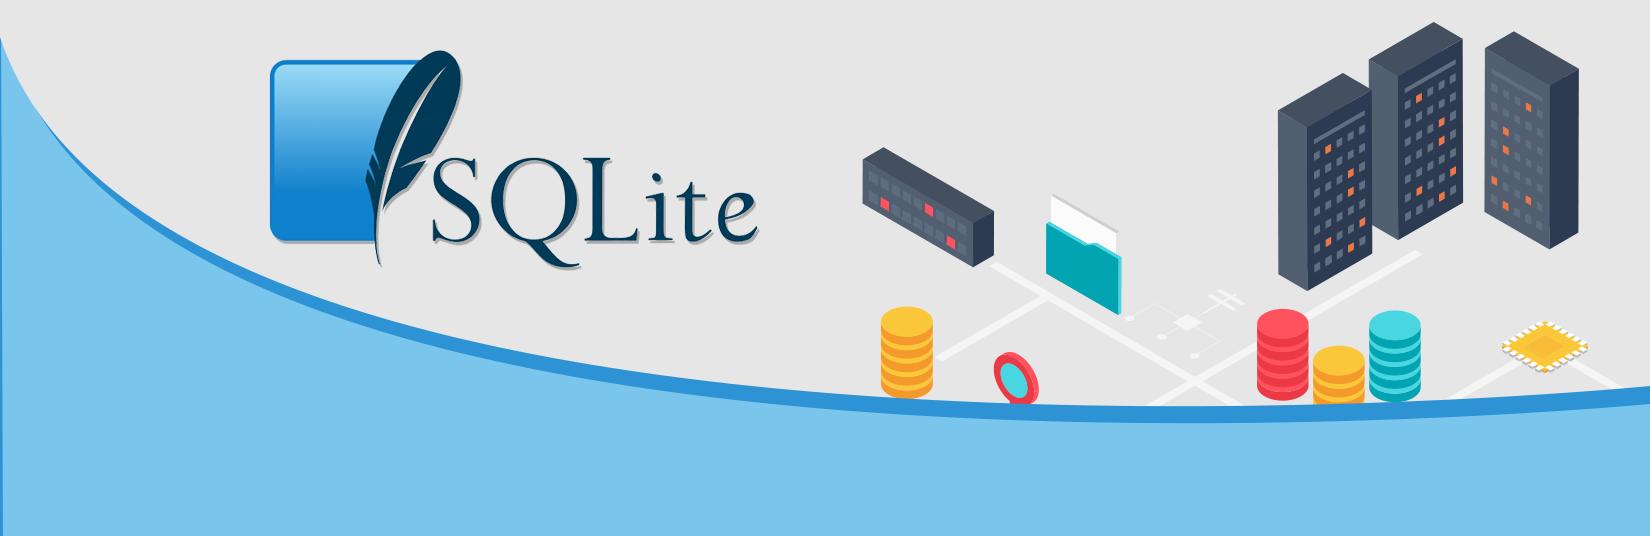 SQLite Database Design & Integration For Mobile Apps